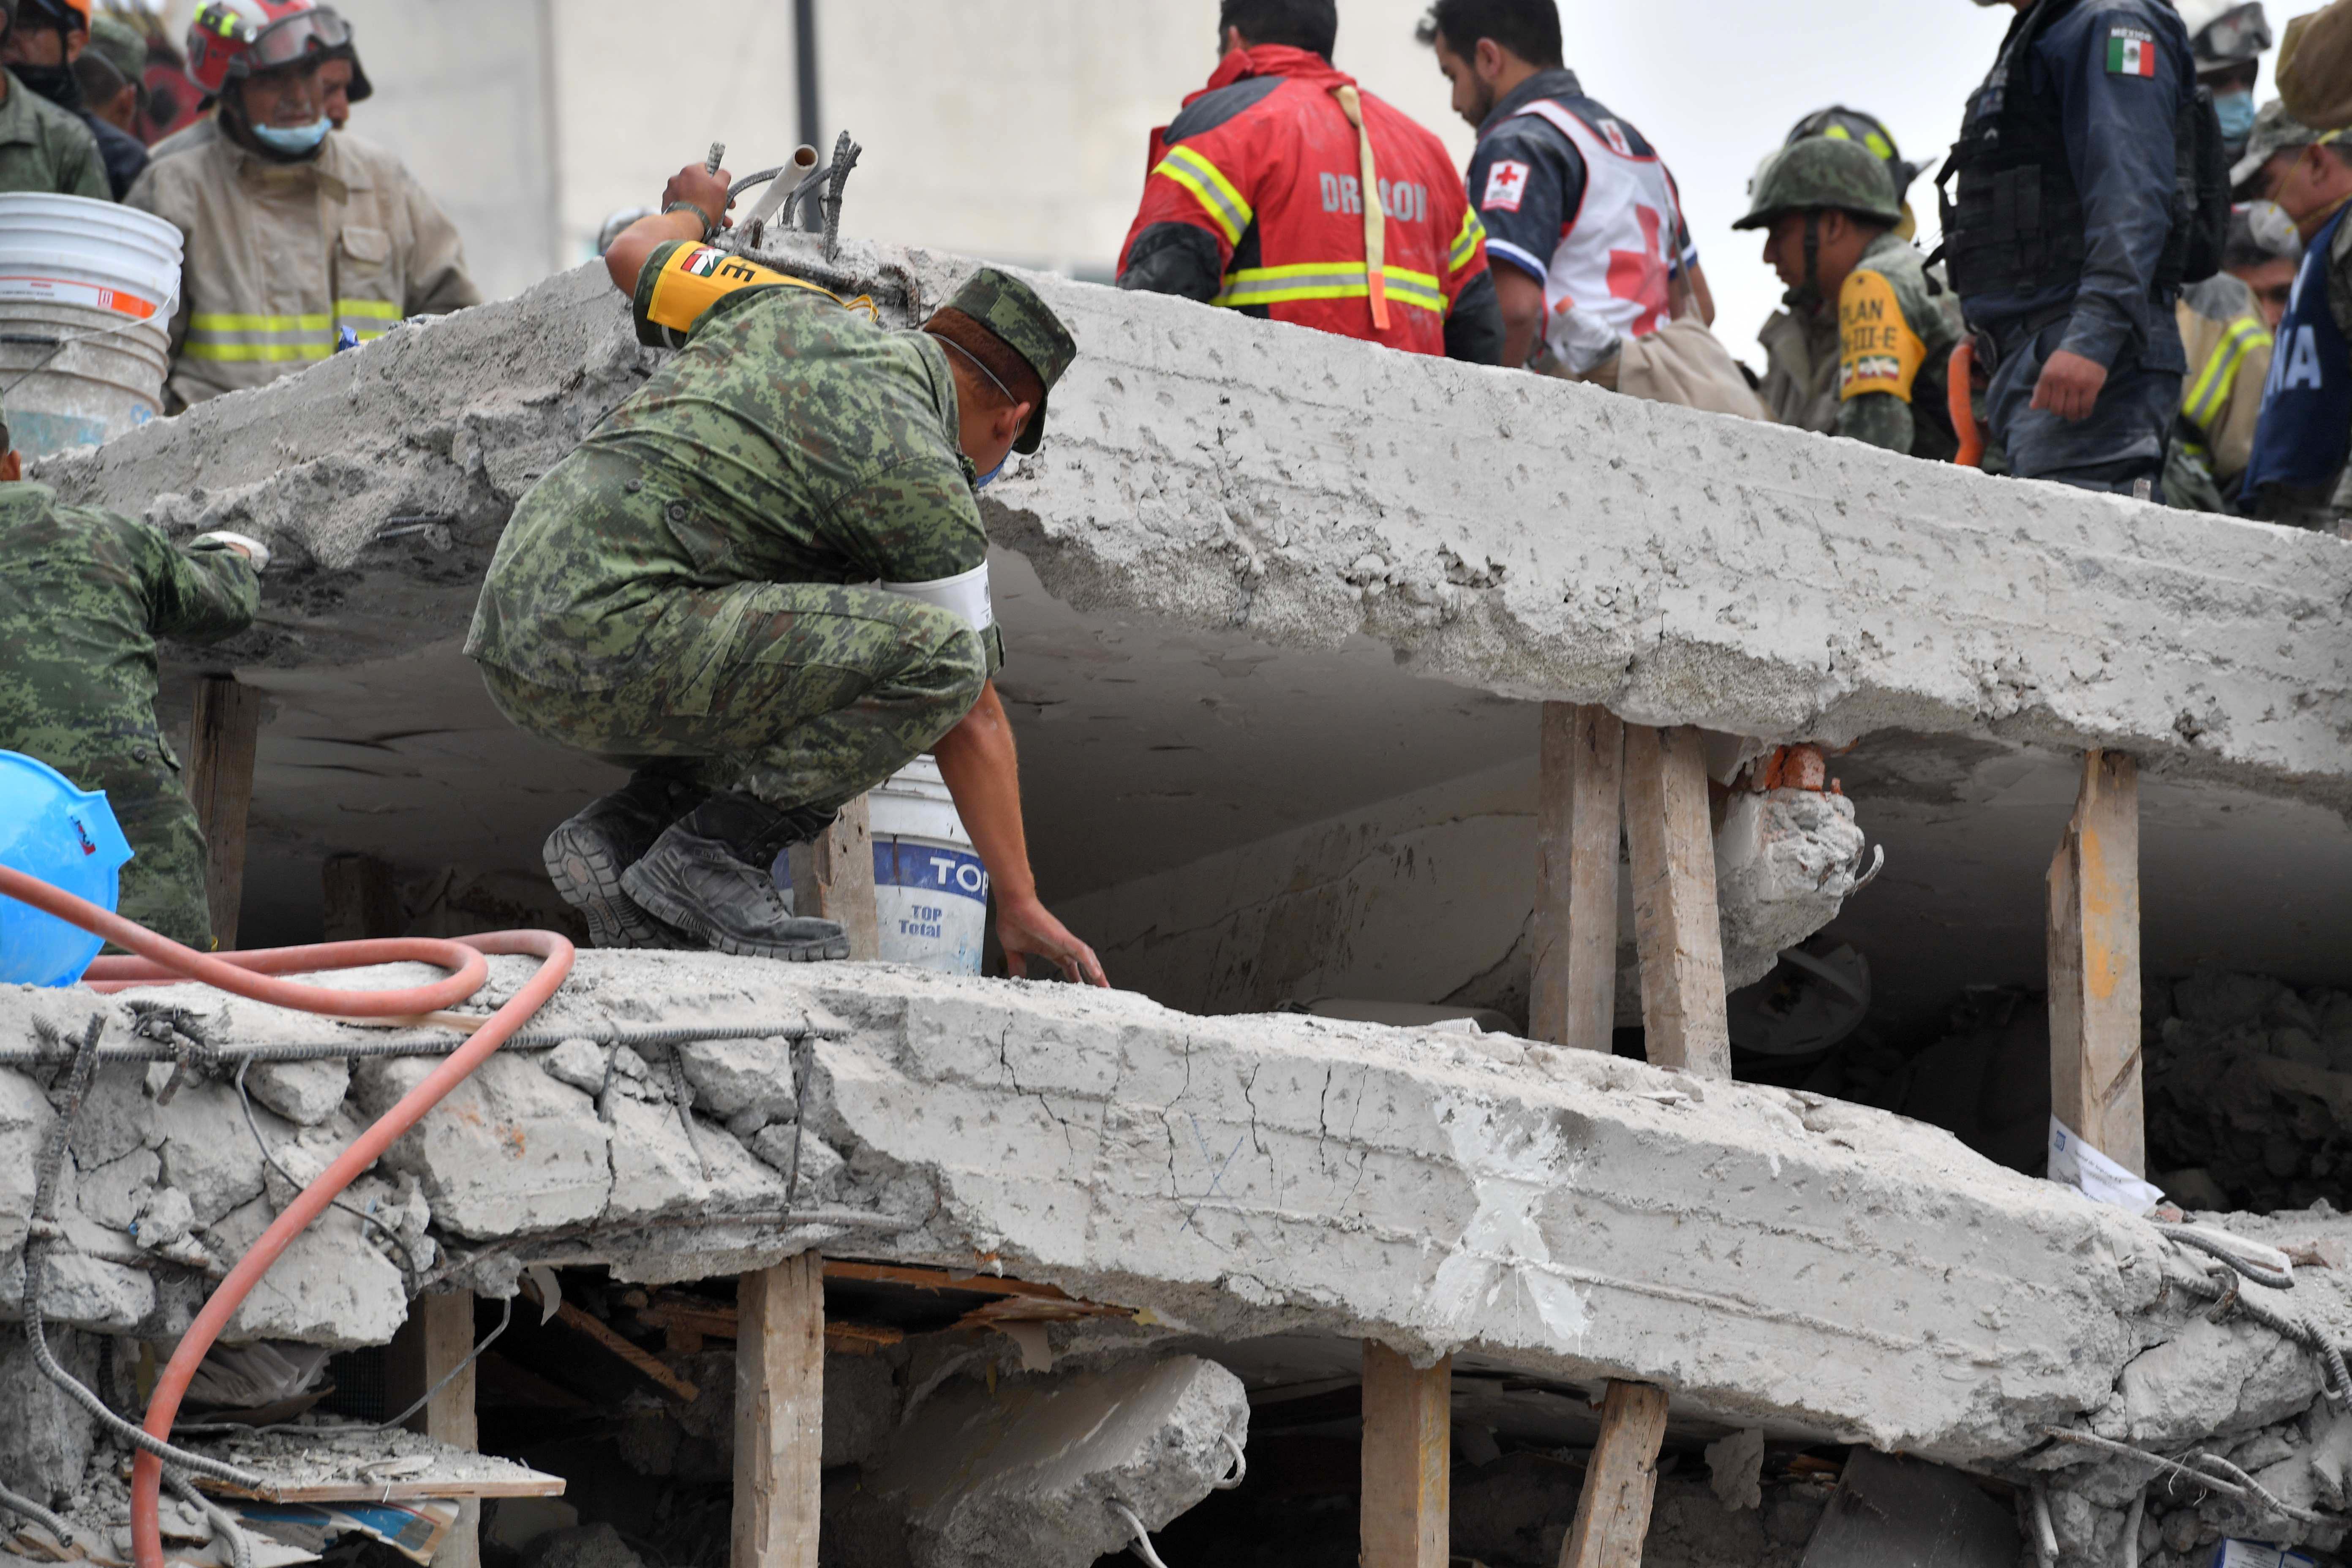 El espacio entre cada piso de los edificios derrumbados se redujo a menos de un metro